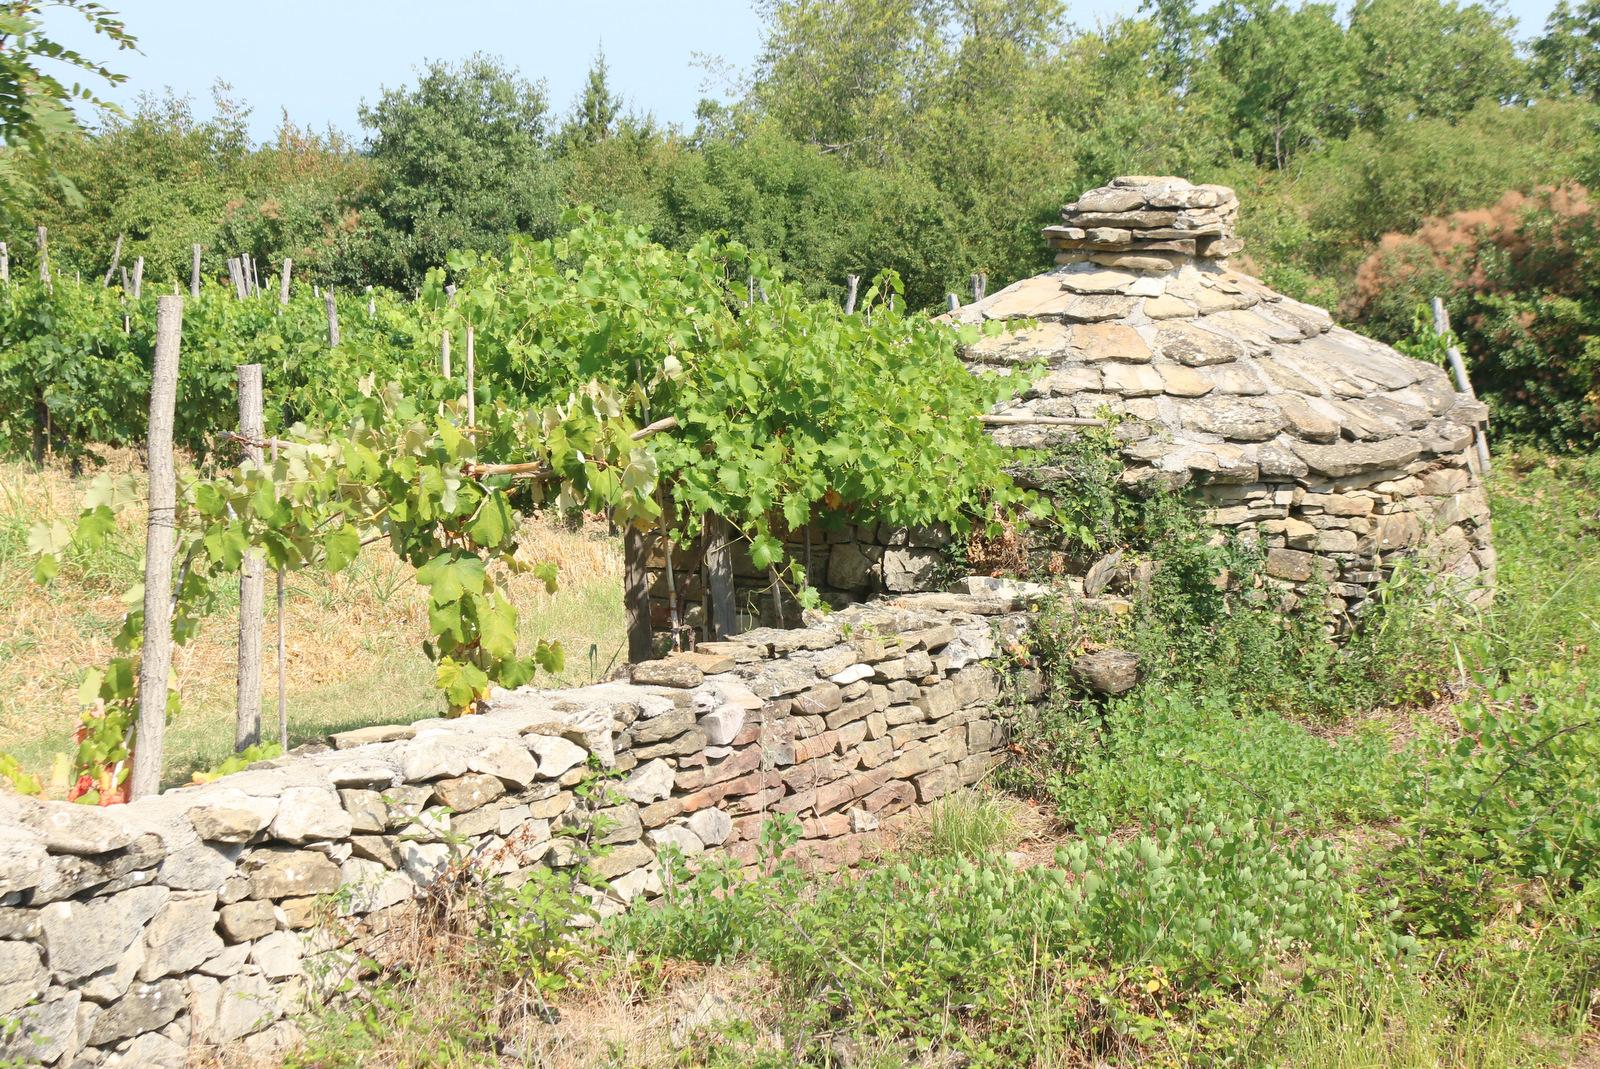 Kažun v Padni, pastirsko zatočišče iz kamna, značilno za Istro.